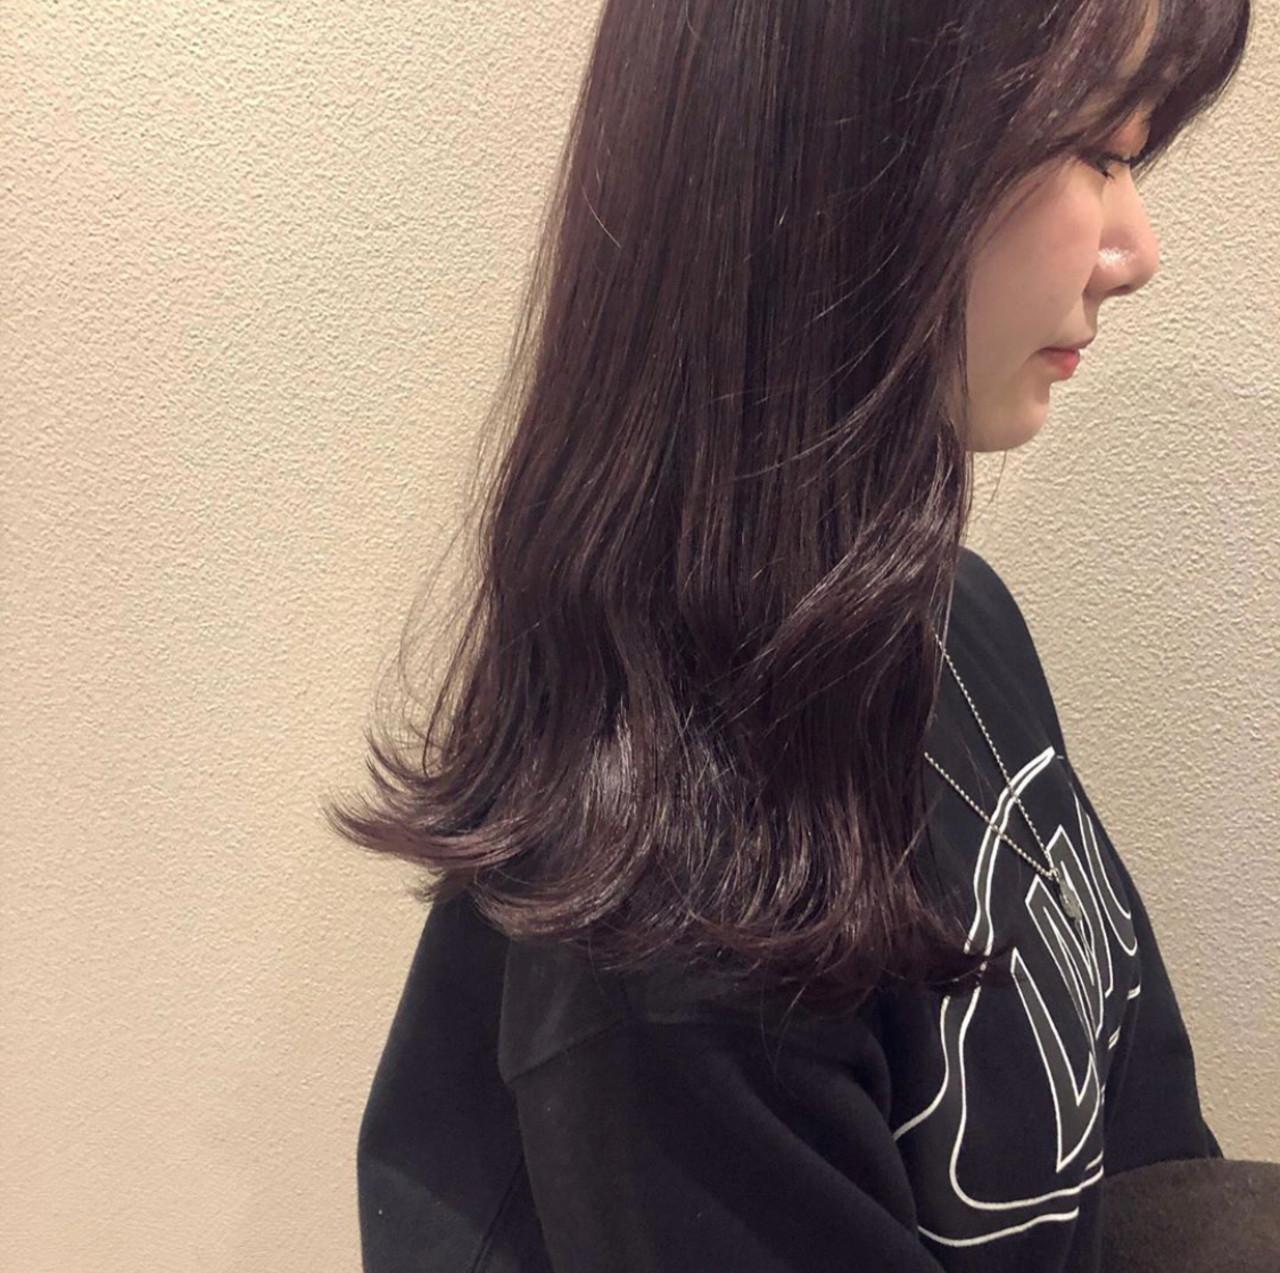 ピンクバイオレット ロング ラベンダーピンク ピンクパープル ヘアスタイルや髪型の写真・画像